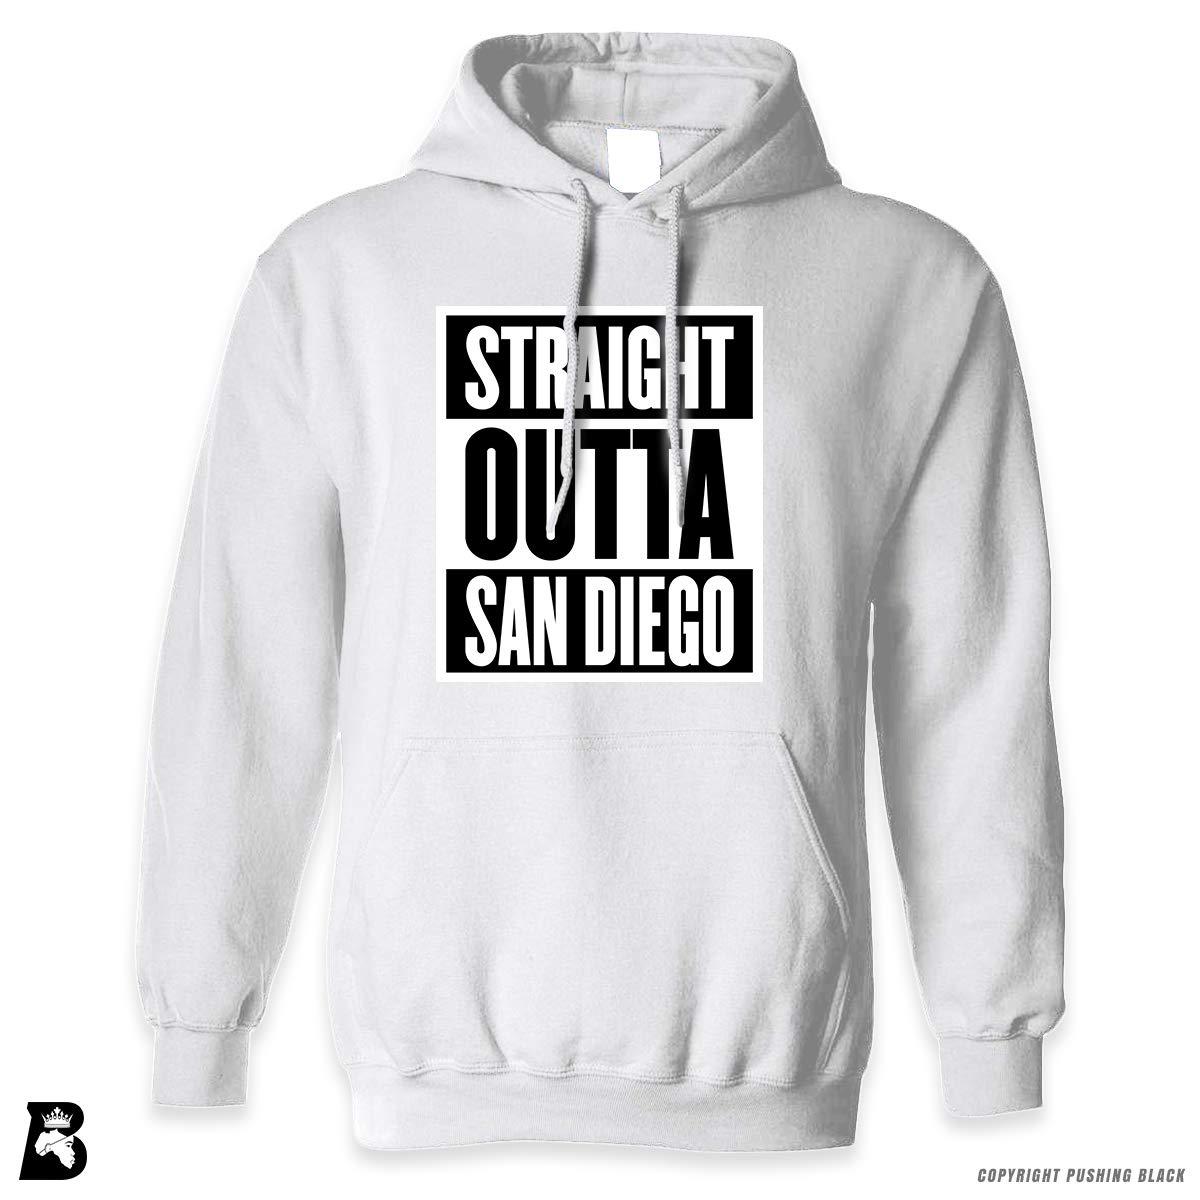 Straight Outta San Diego Premium Unisex Hoodie with Pocket